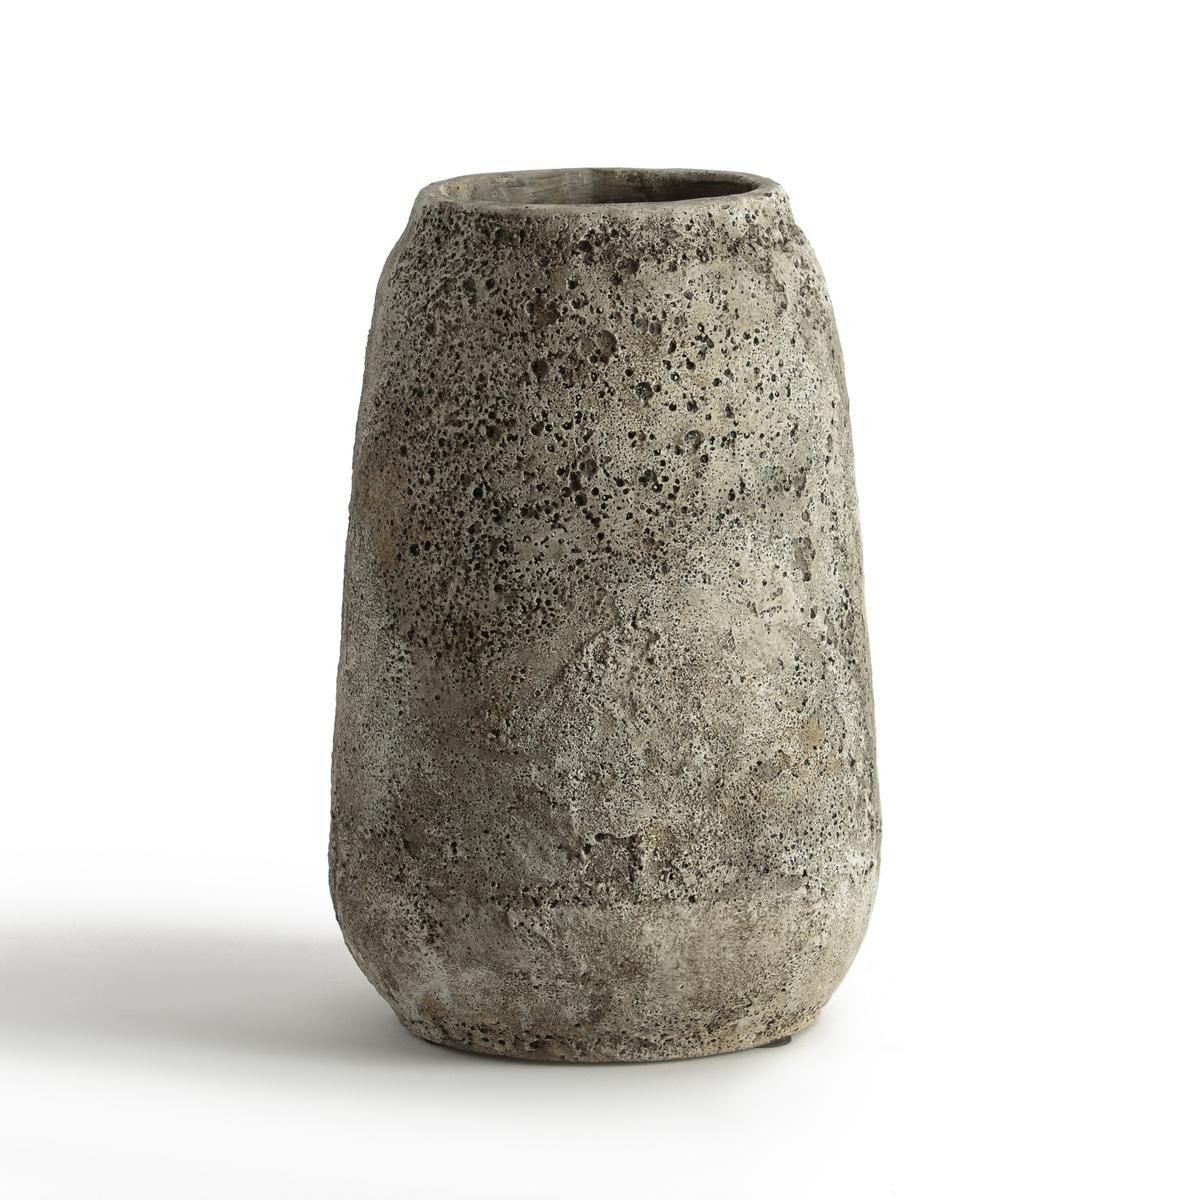 Ваза из цемента ?22 см, SeraxЦементная ваза от S?rax возвращает к истокамОписание : - Из цементаРазмеры :- Высота 33 см- ?22 см<br><br>Цвет: серо-бежевый